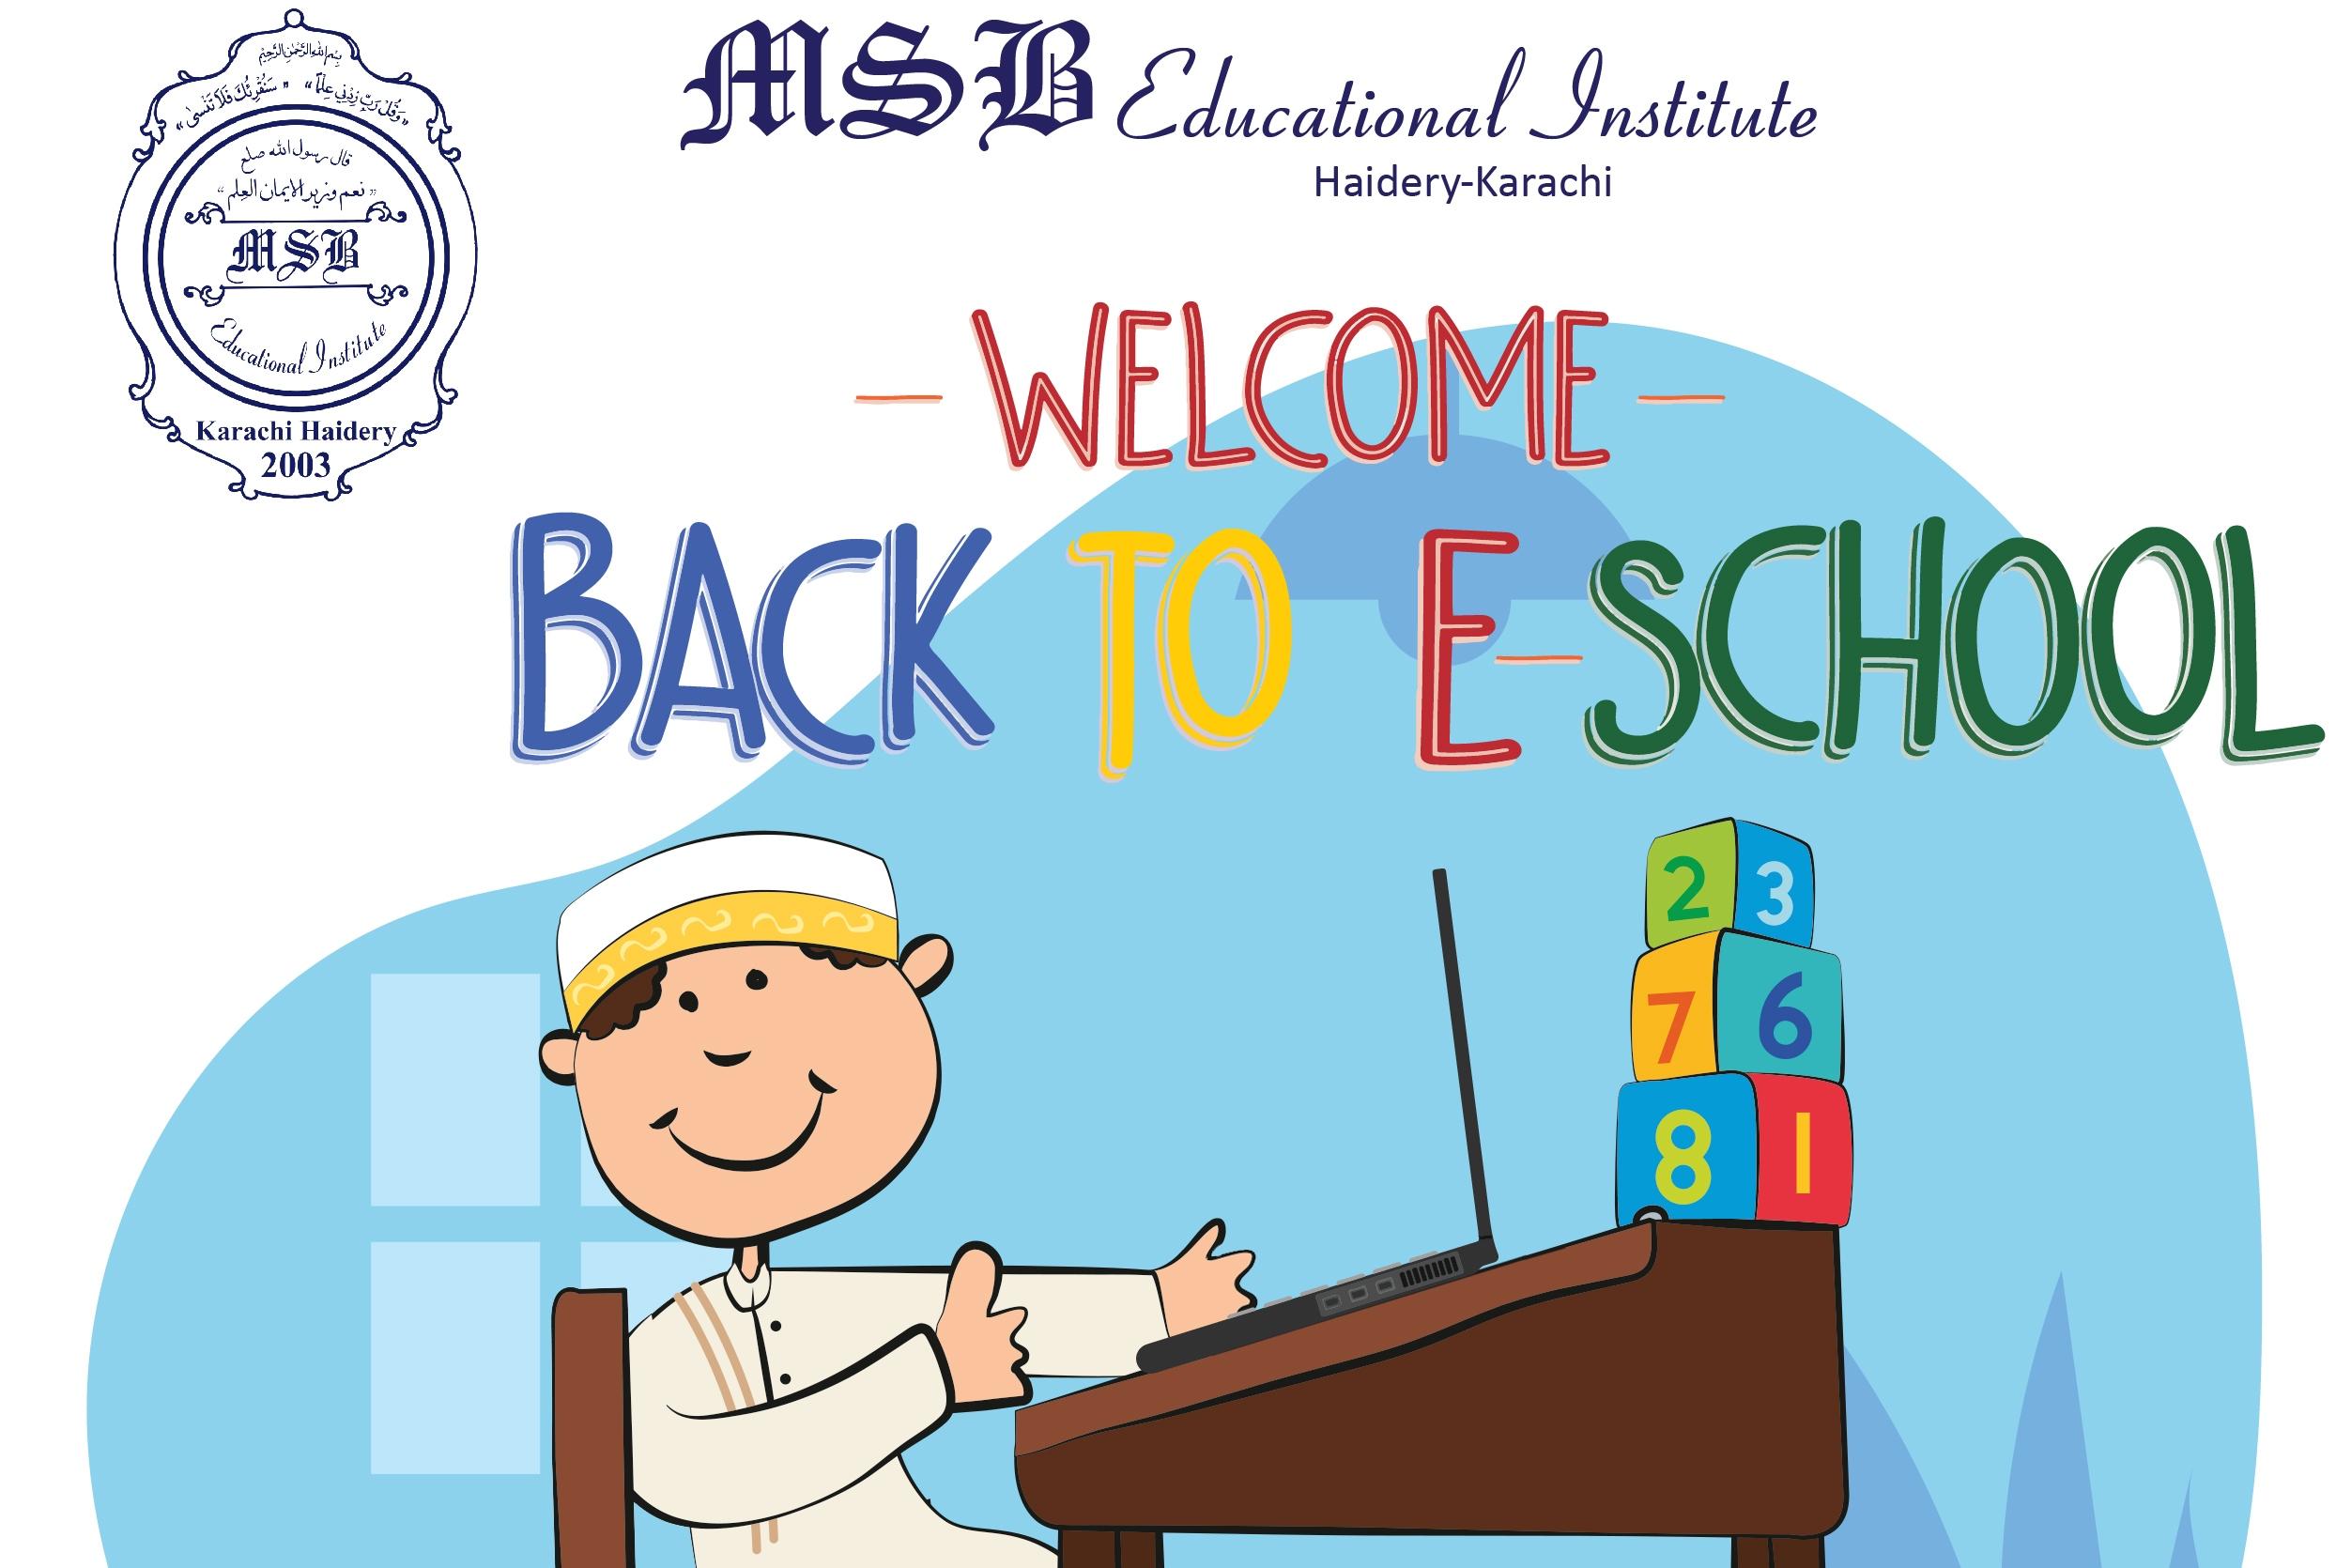 Welcome to Online School